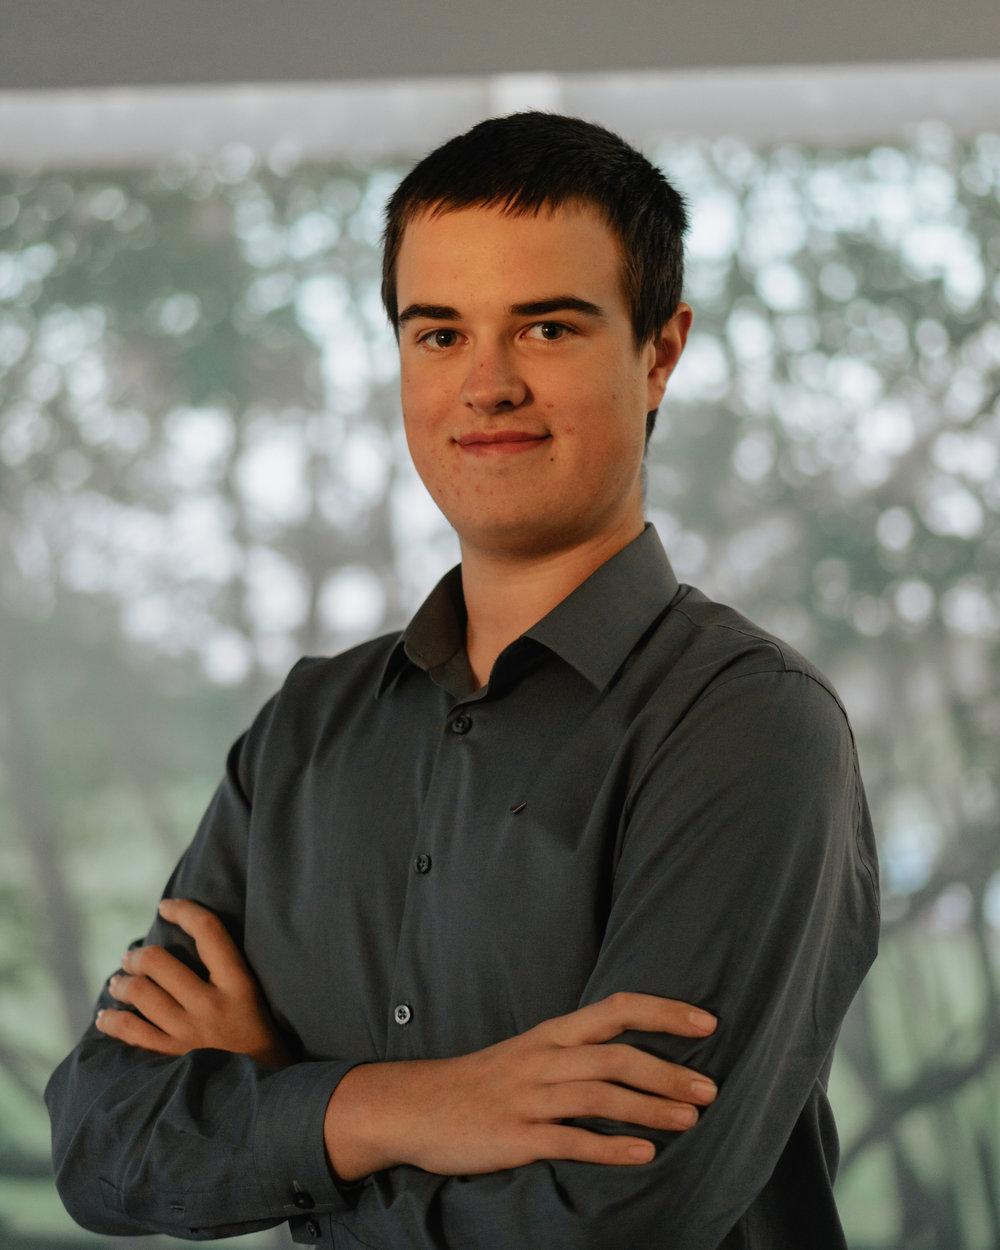 Dylan Setliff